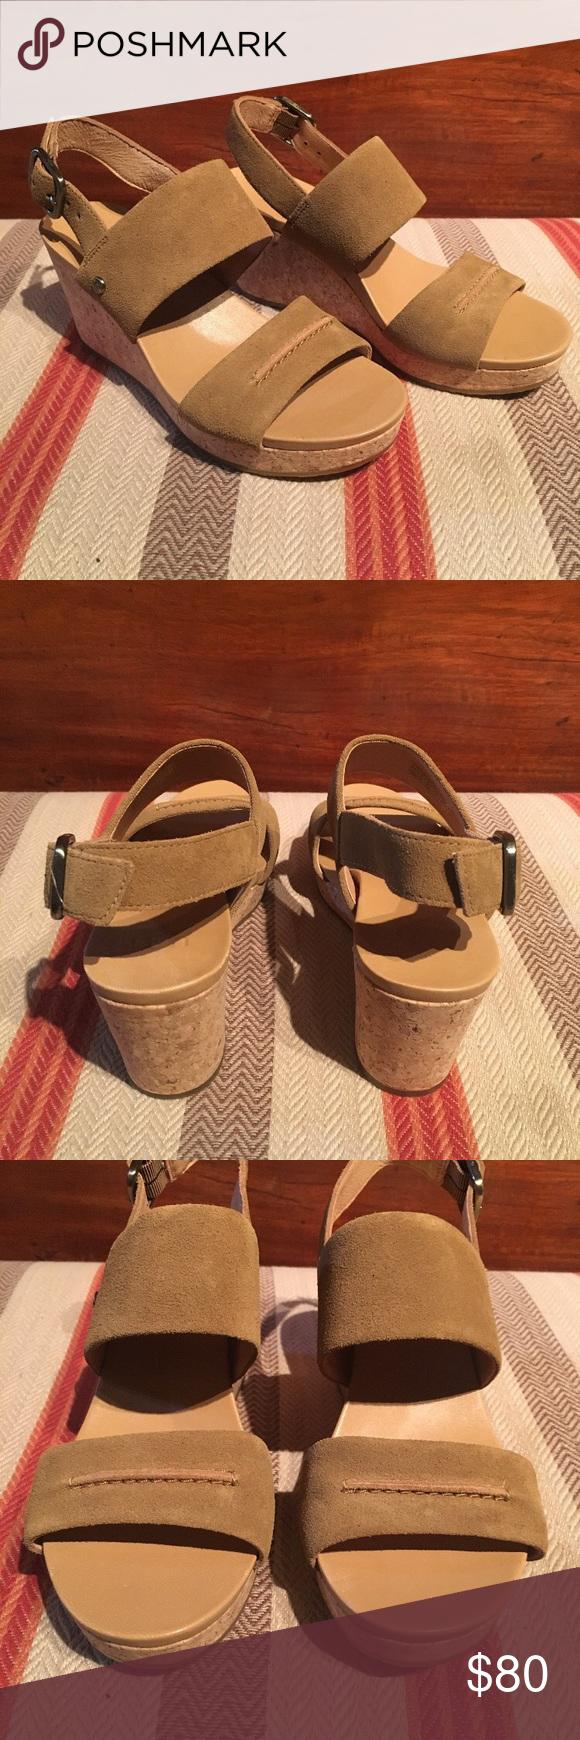 53da66bd21d UGG Shoes | Ugg Elena Ii Metallic Chestnut Platform Wedge | Color ...